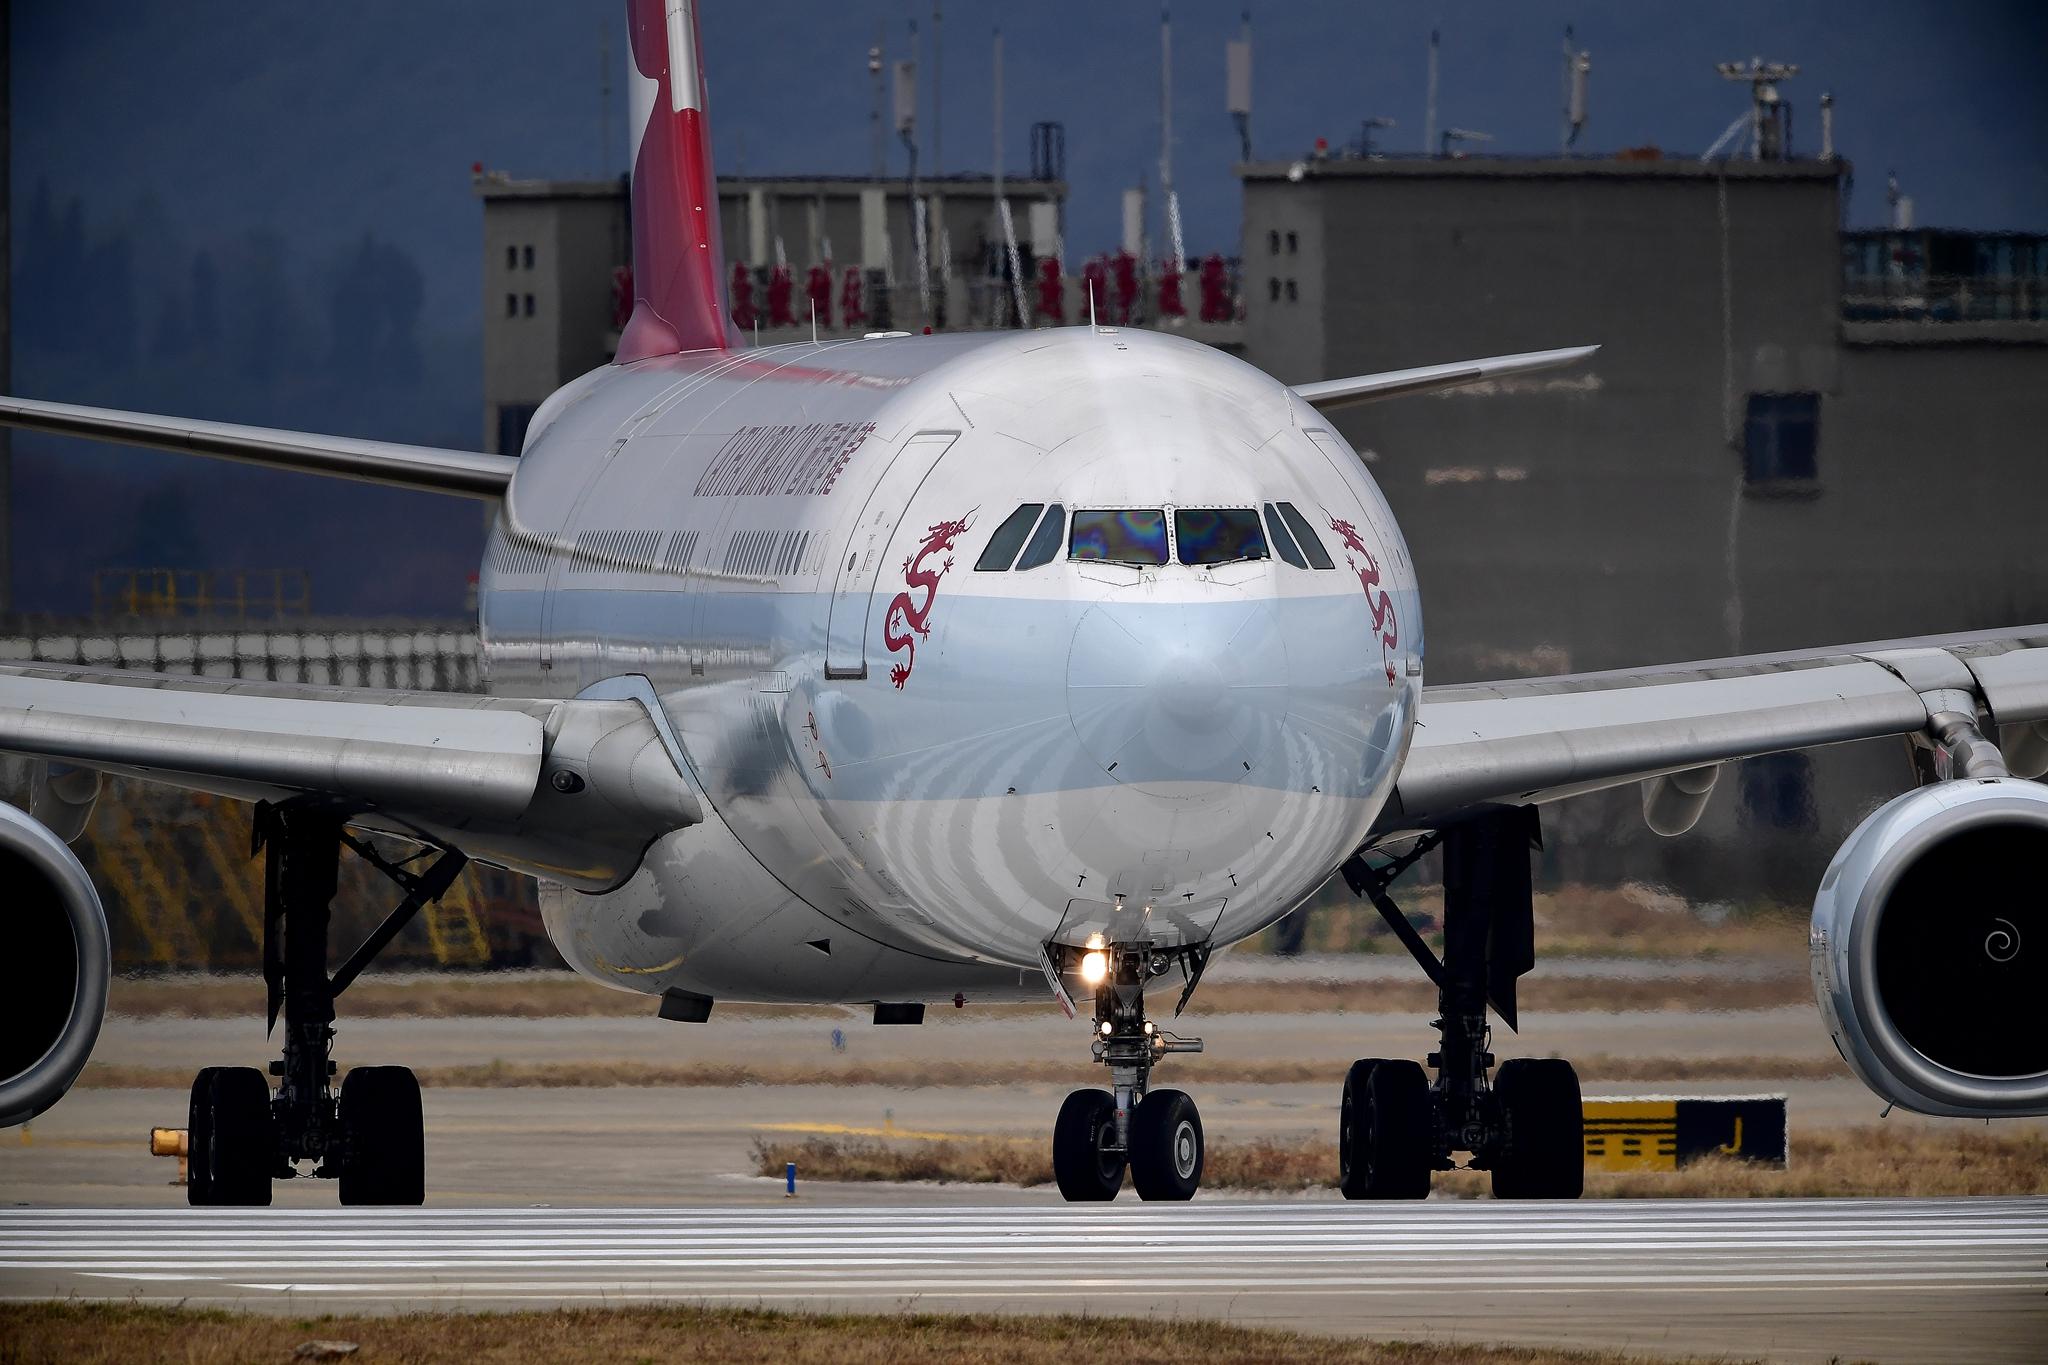 Re:[原创]KMG 庚子年初四再赴长水之约 都是似曾相识 都是熟悉的味道 AIRBUS A330-300 B-HYQ 中国昆明长水国际机场